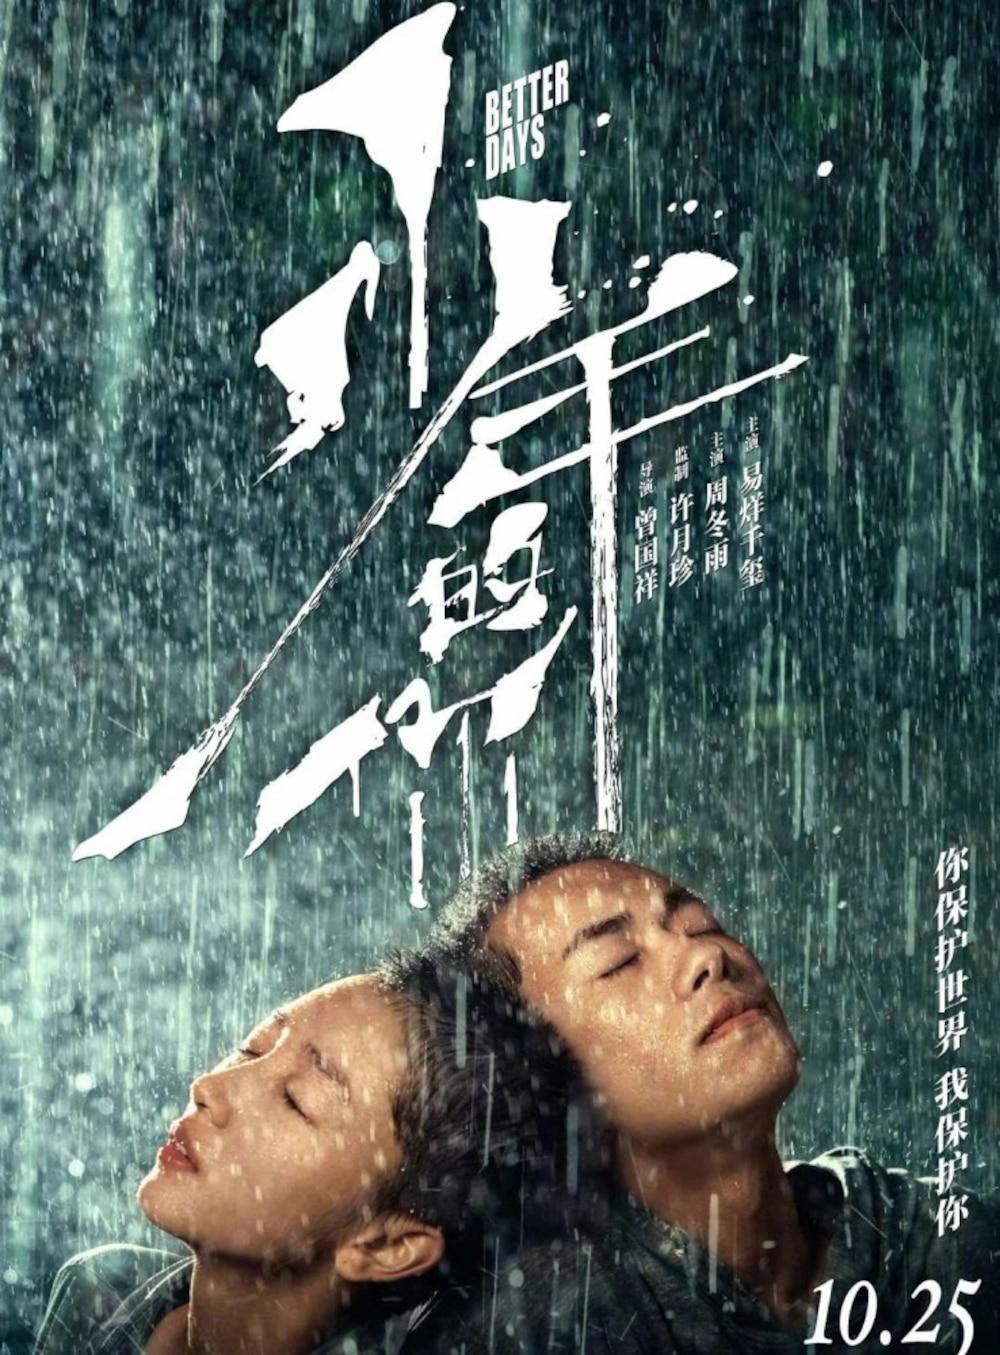 Châu Đông Vũ trở thành Tam Kim Ảnh hậu, dân mạng chế giễu dàn tiểu hoa thế hệ 85 là 'phế vật' Ảnh 2